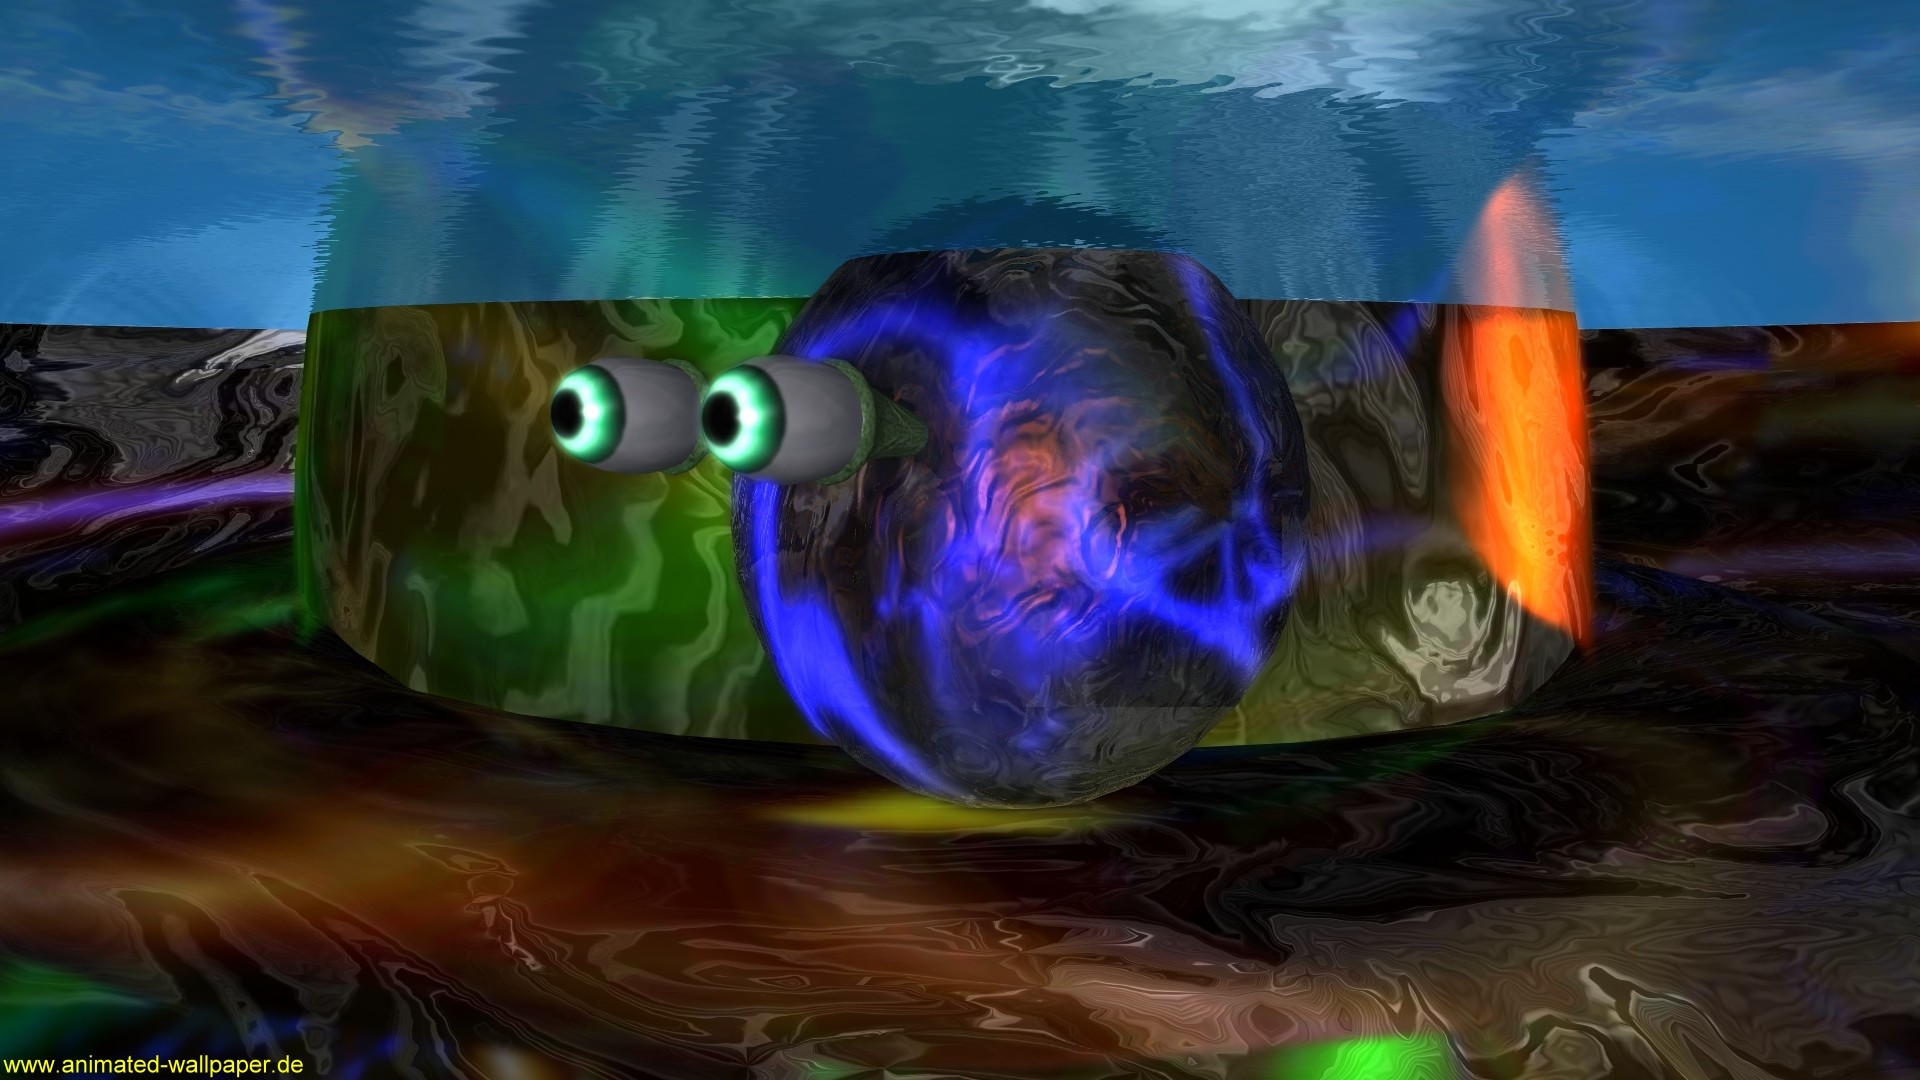 Animated Aquarium Wallpaper For Windows 7 Free Die 73 Besten Bewegliche Hintergrundbilder